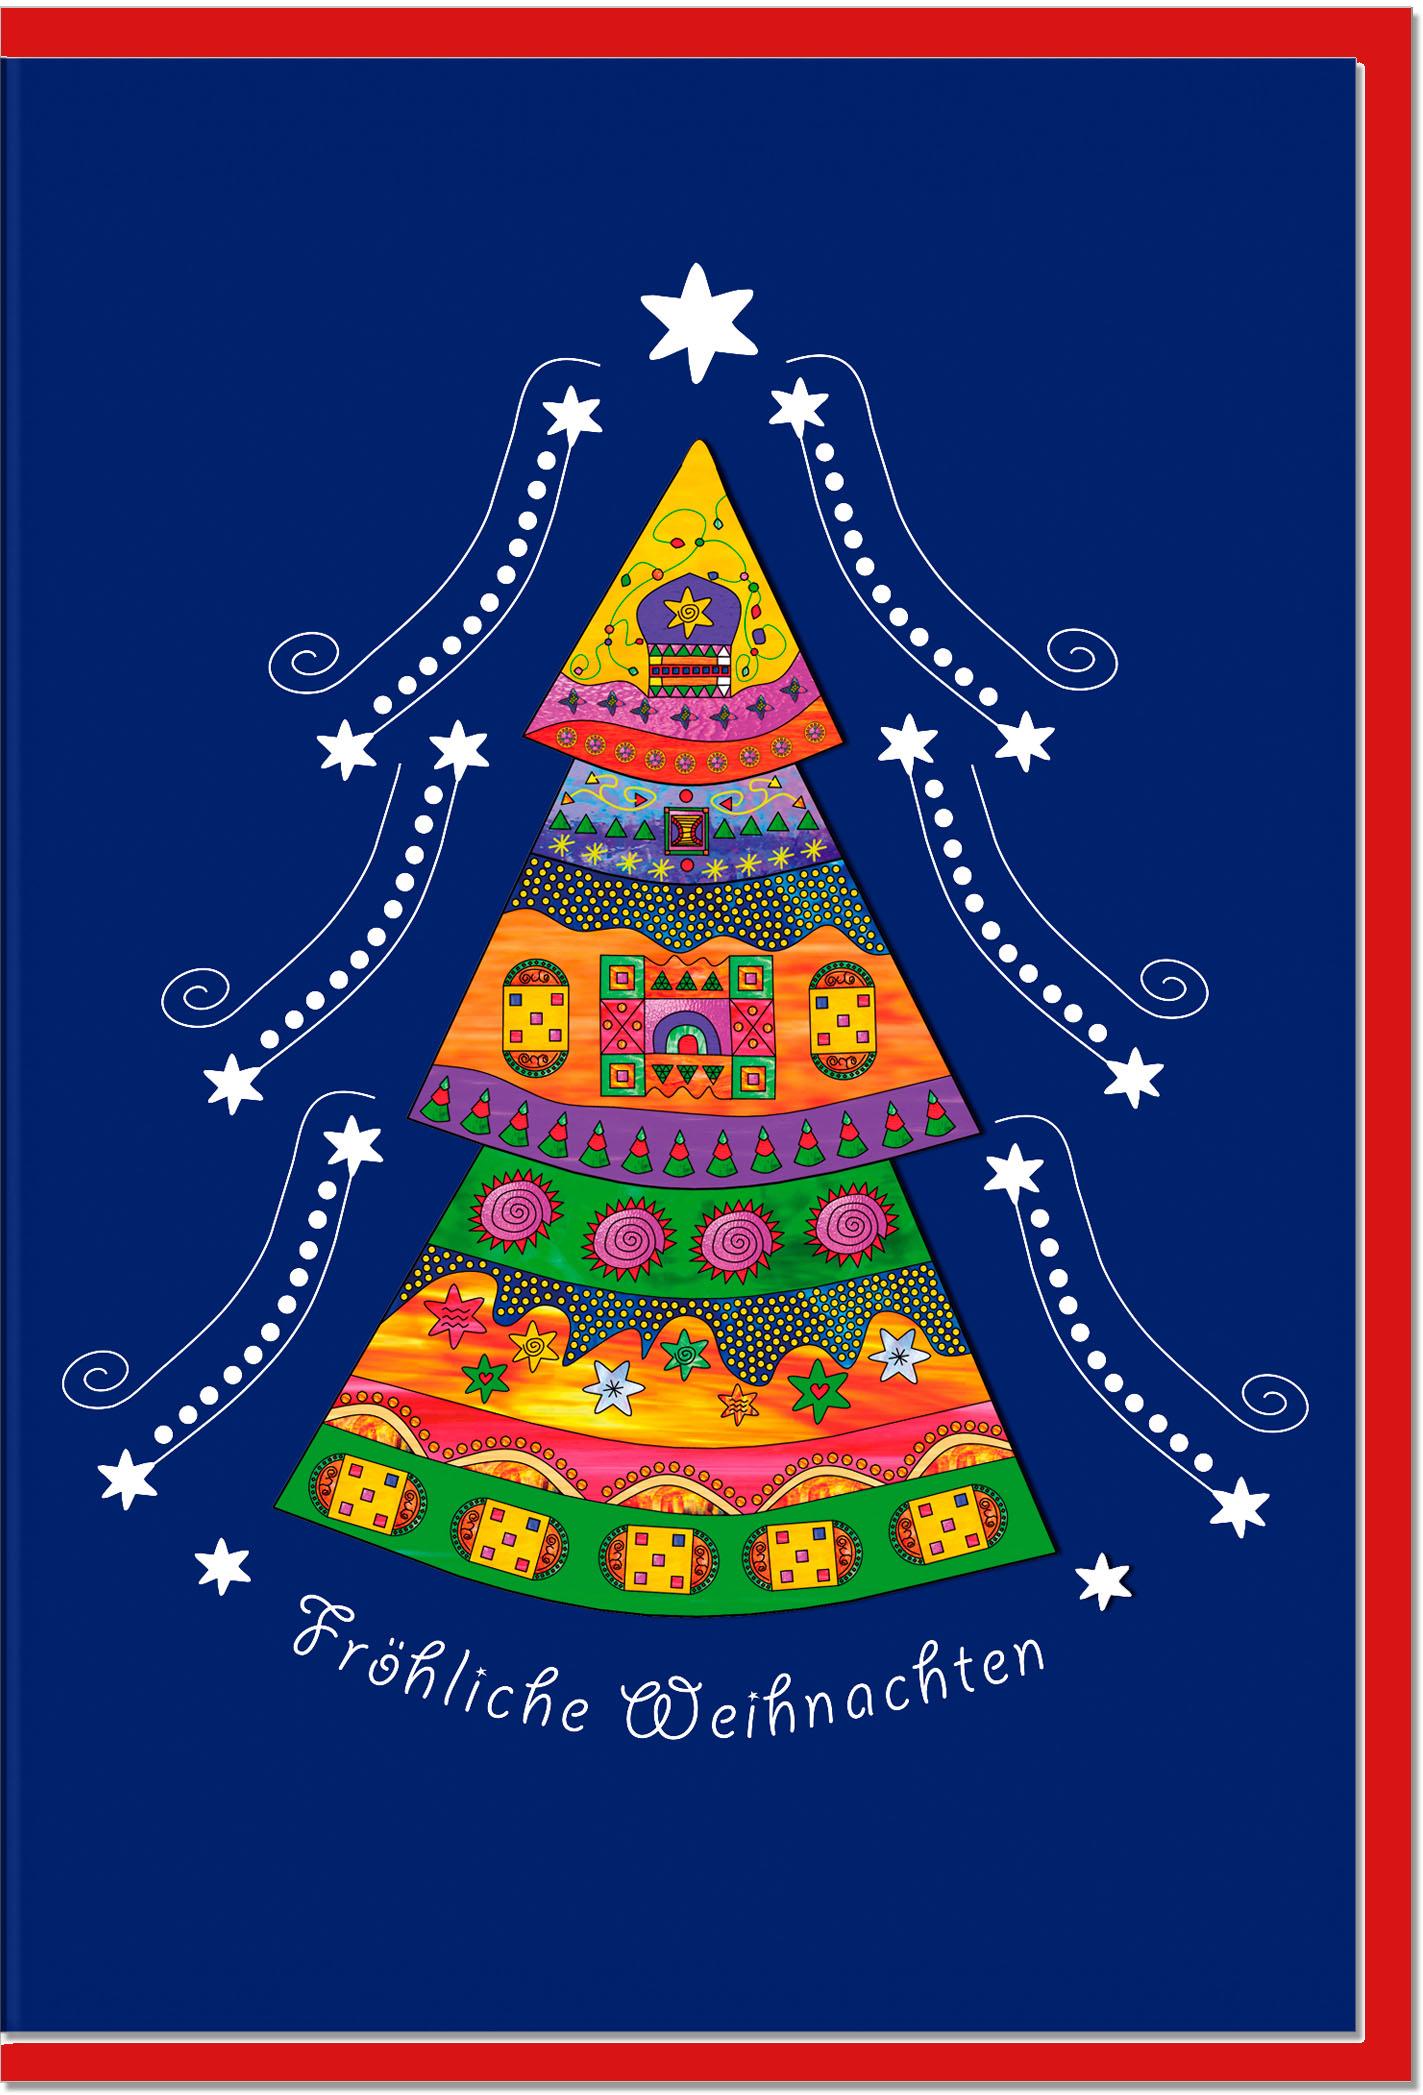 Weihnachtskarten / Grußkarten /Weihnachten Weihnachtsbaum